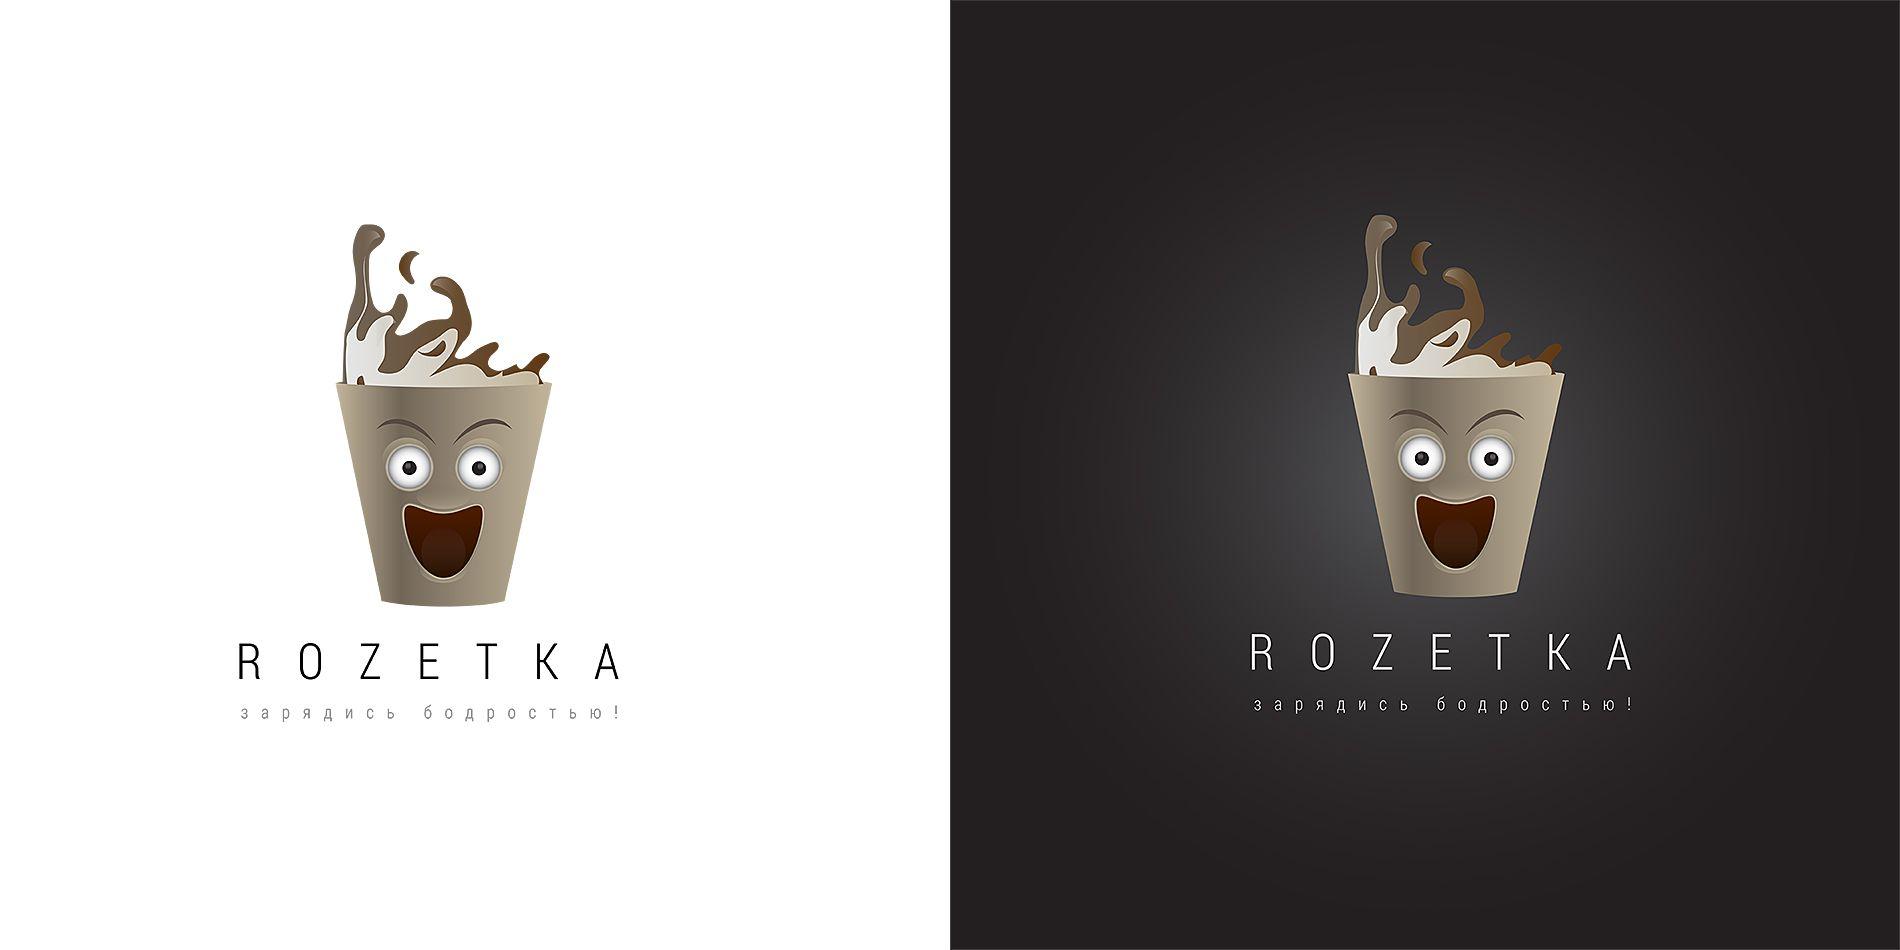 Логотип+Дизайн фирменного стиля для кофейни  - дизайнер DynamicMotion